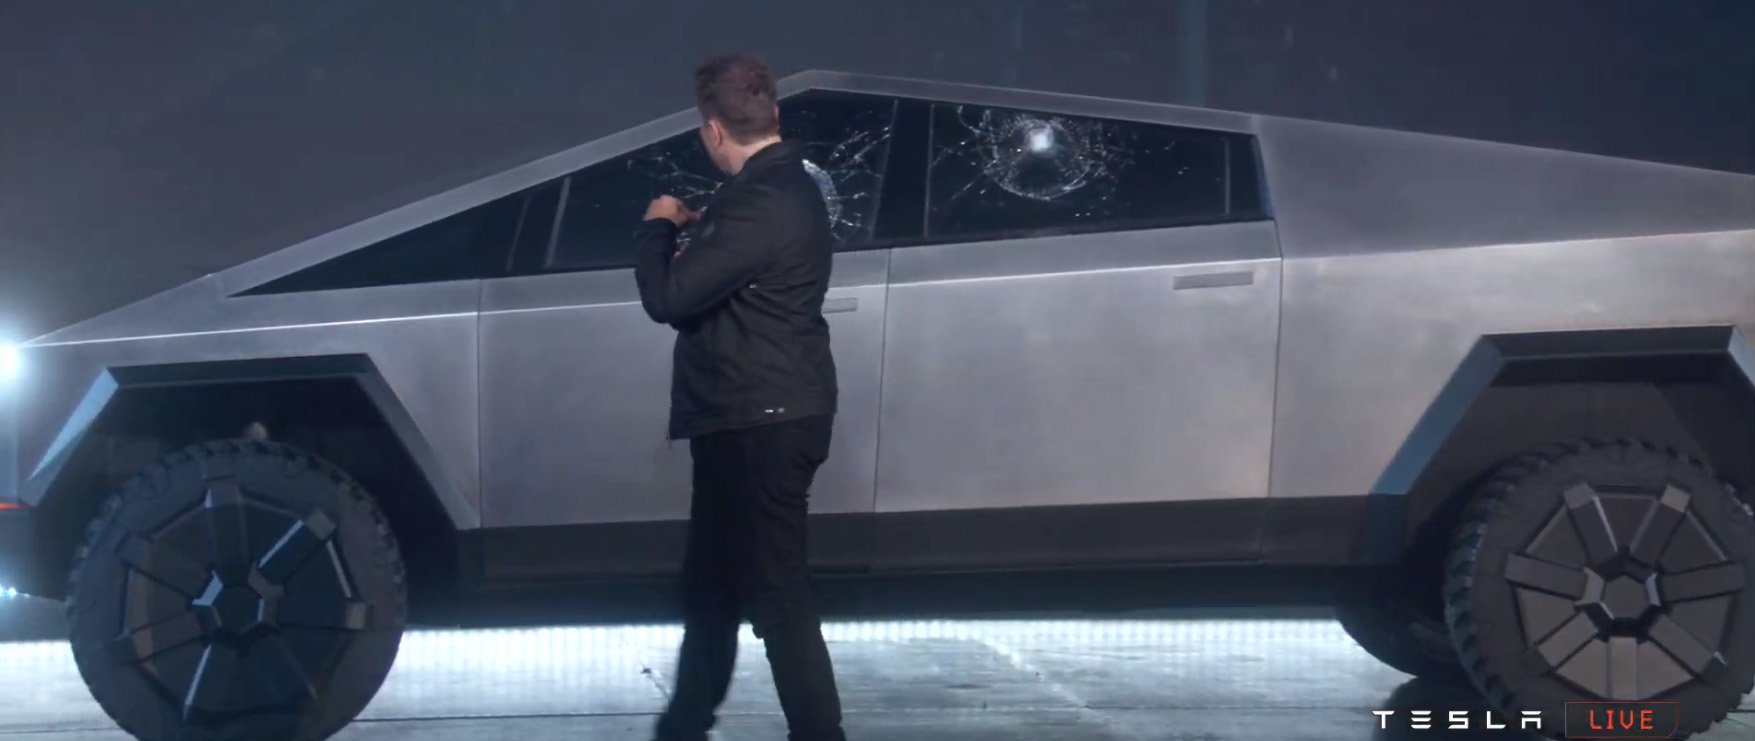 Những cánh cửa của Tesla Cybertruck bị vỡ ngay sau khi ném bi sắt